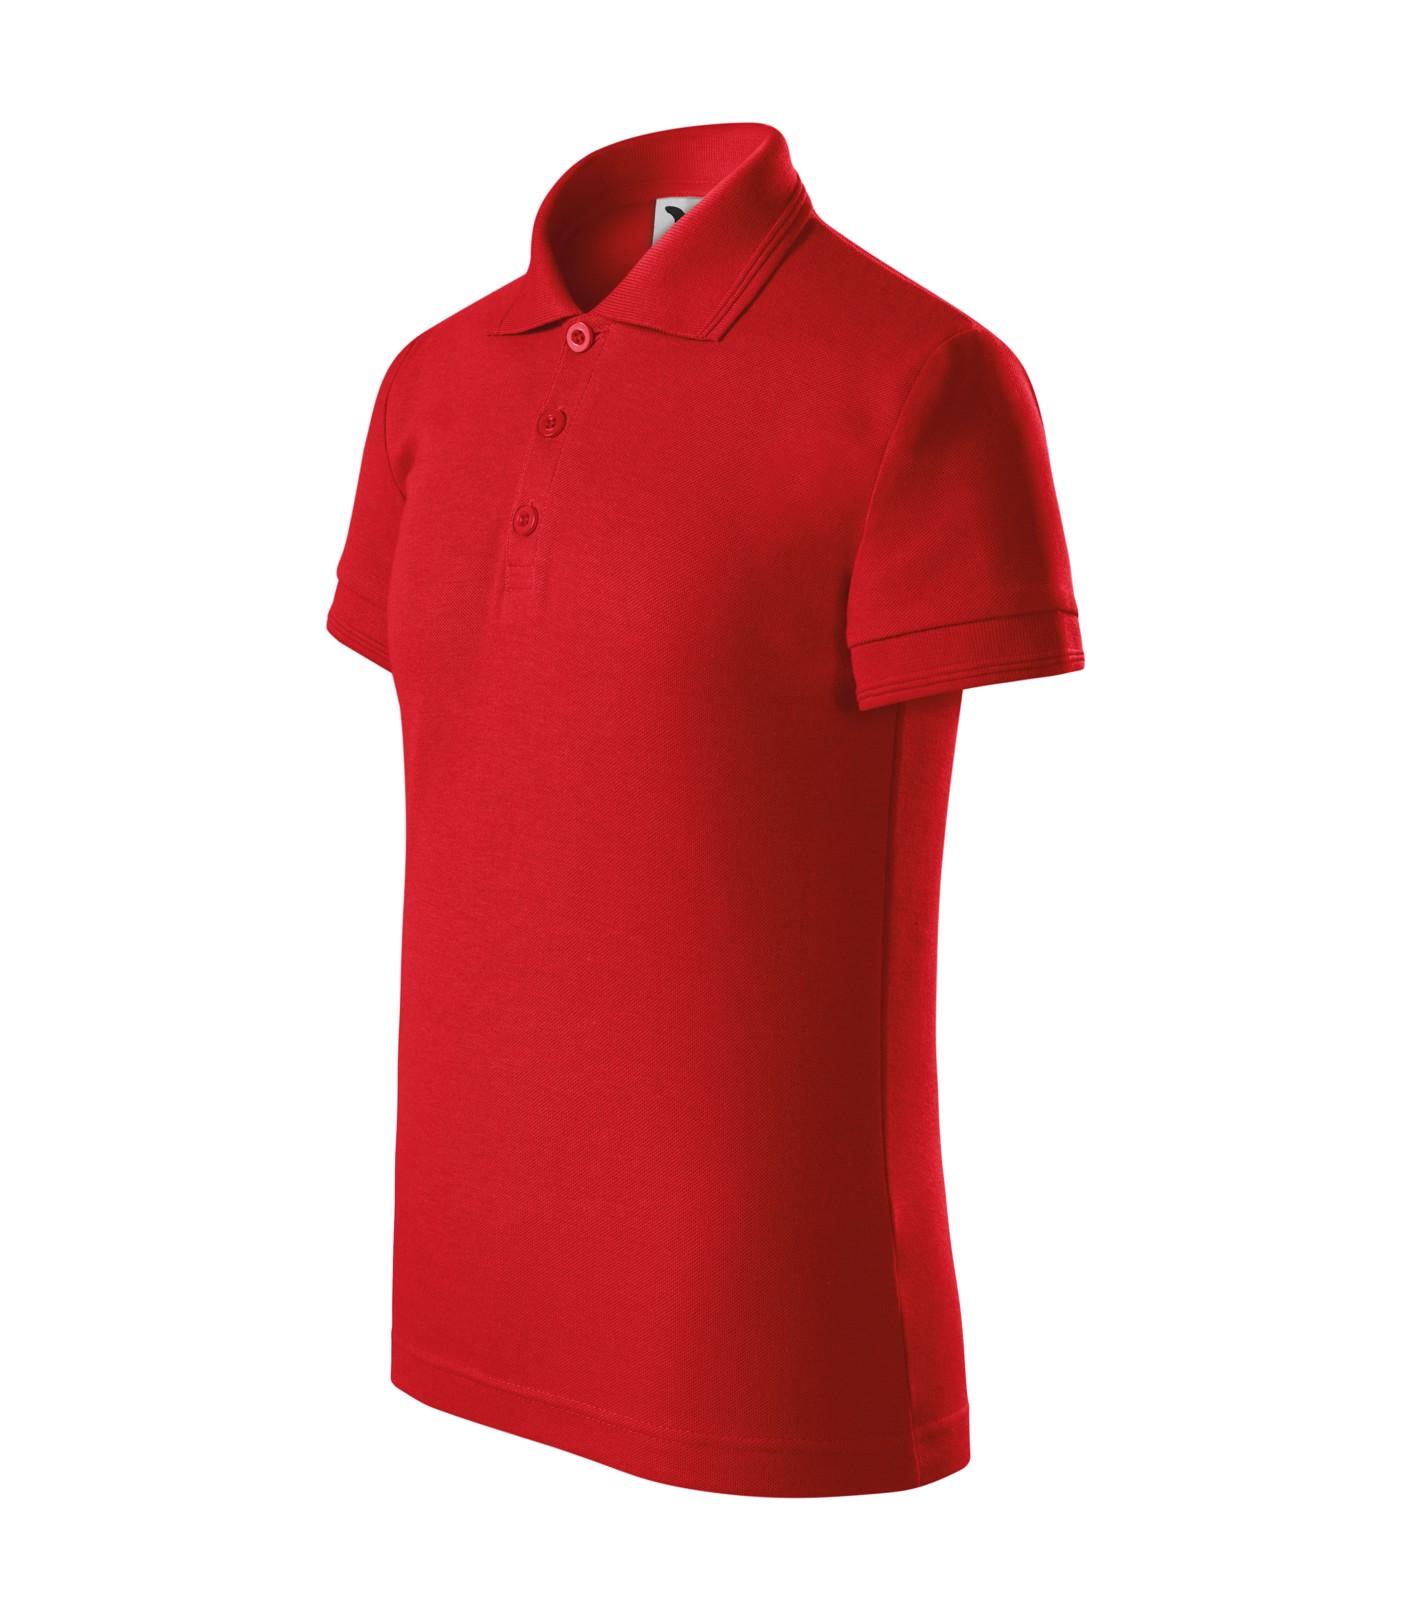 Polokošile dětská Malfini Pique Polo - Červená / 110 cm/4 roky